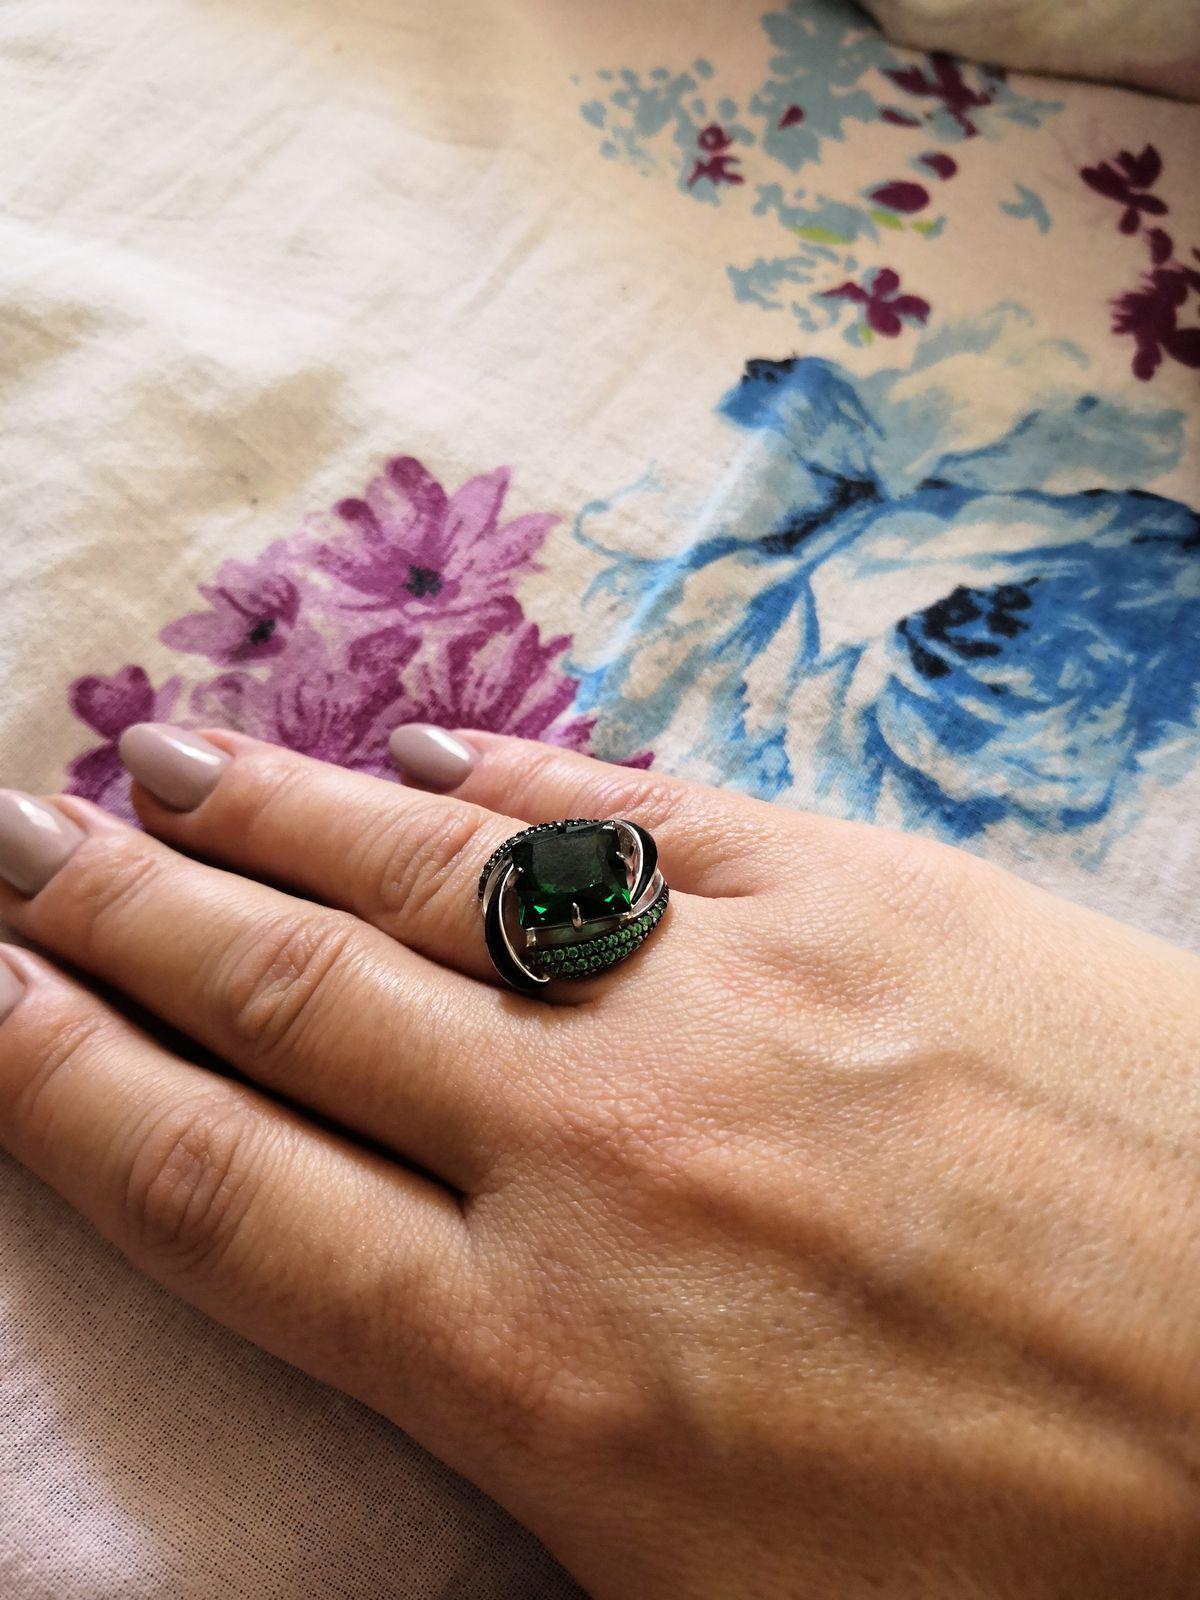 Серебряное кольцо с наноситалами, фианитами и эмалью. Зелёного цвета.